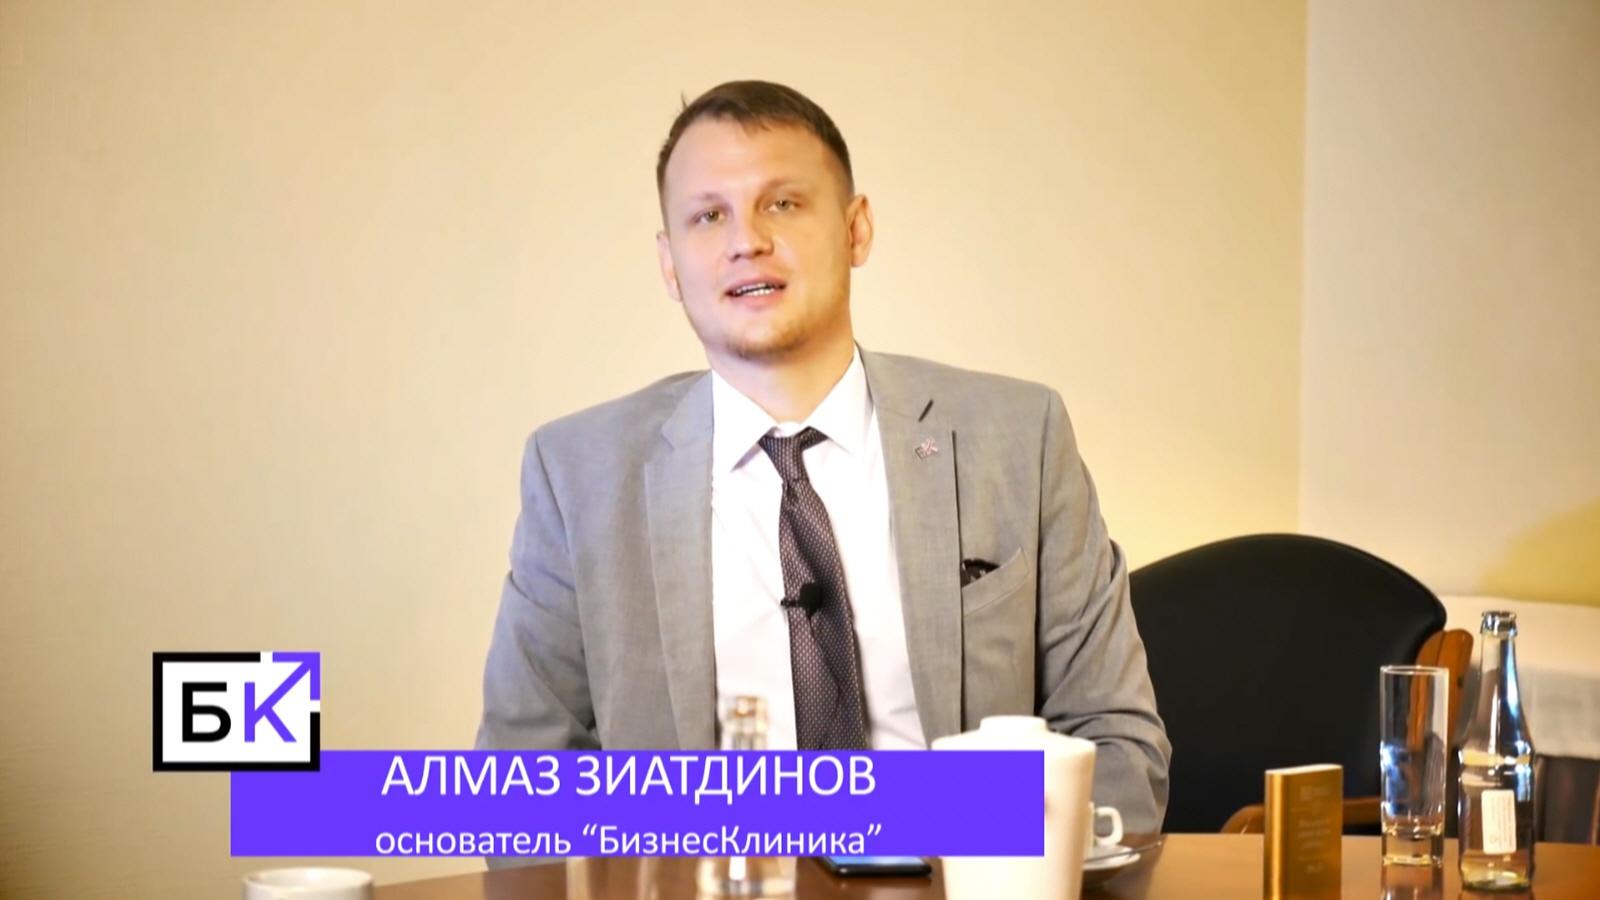 Алмаз Зиатдинов - основатель сообщества предпринимателей Бизнес клиника